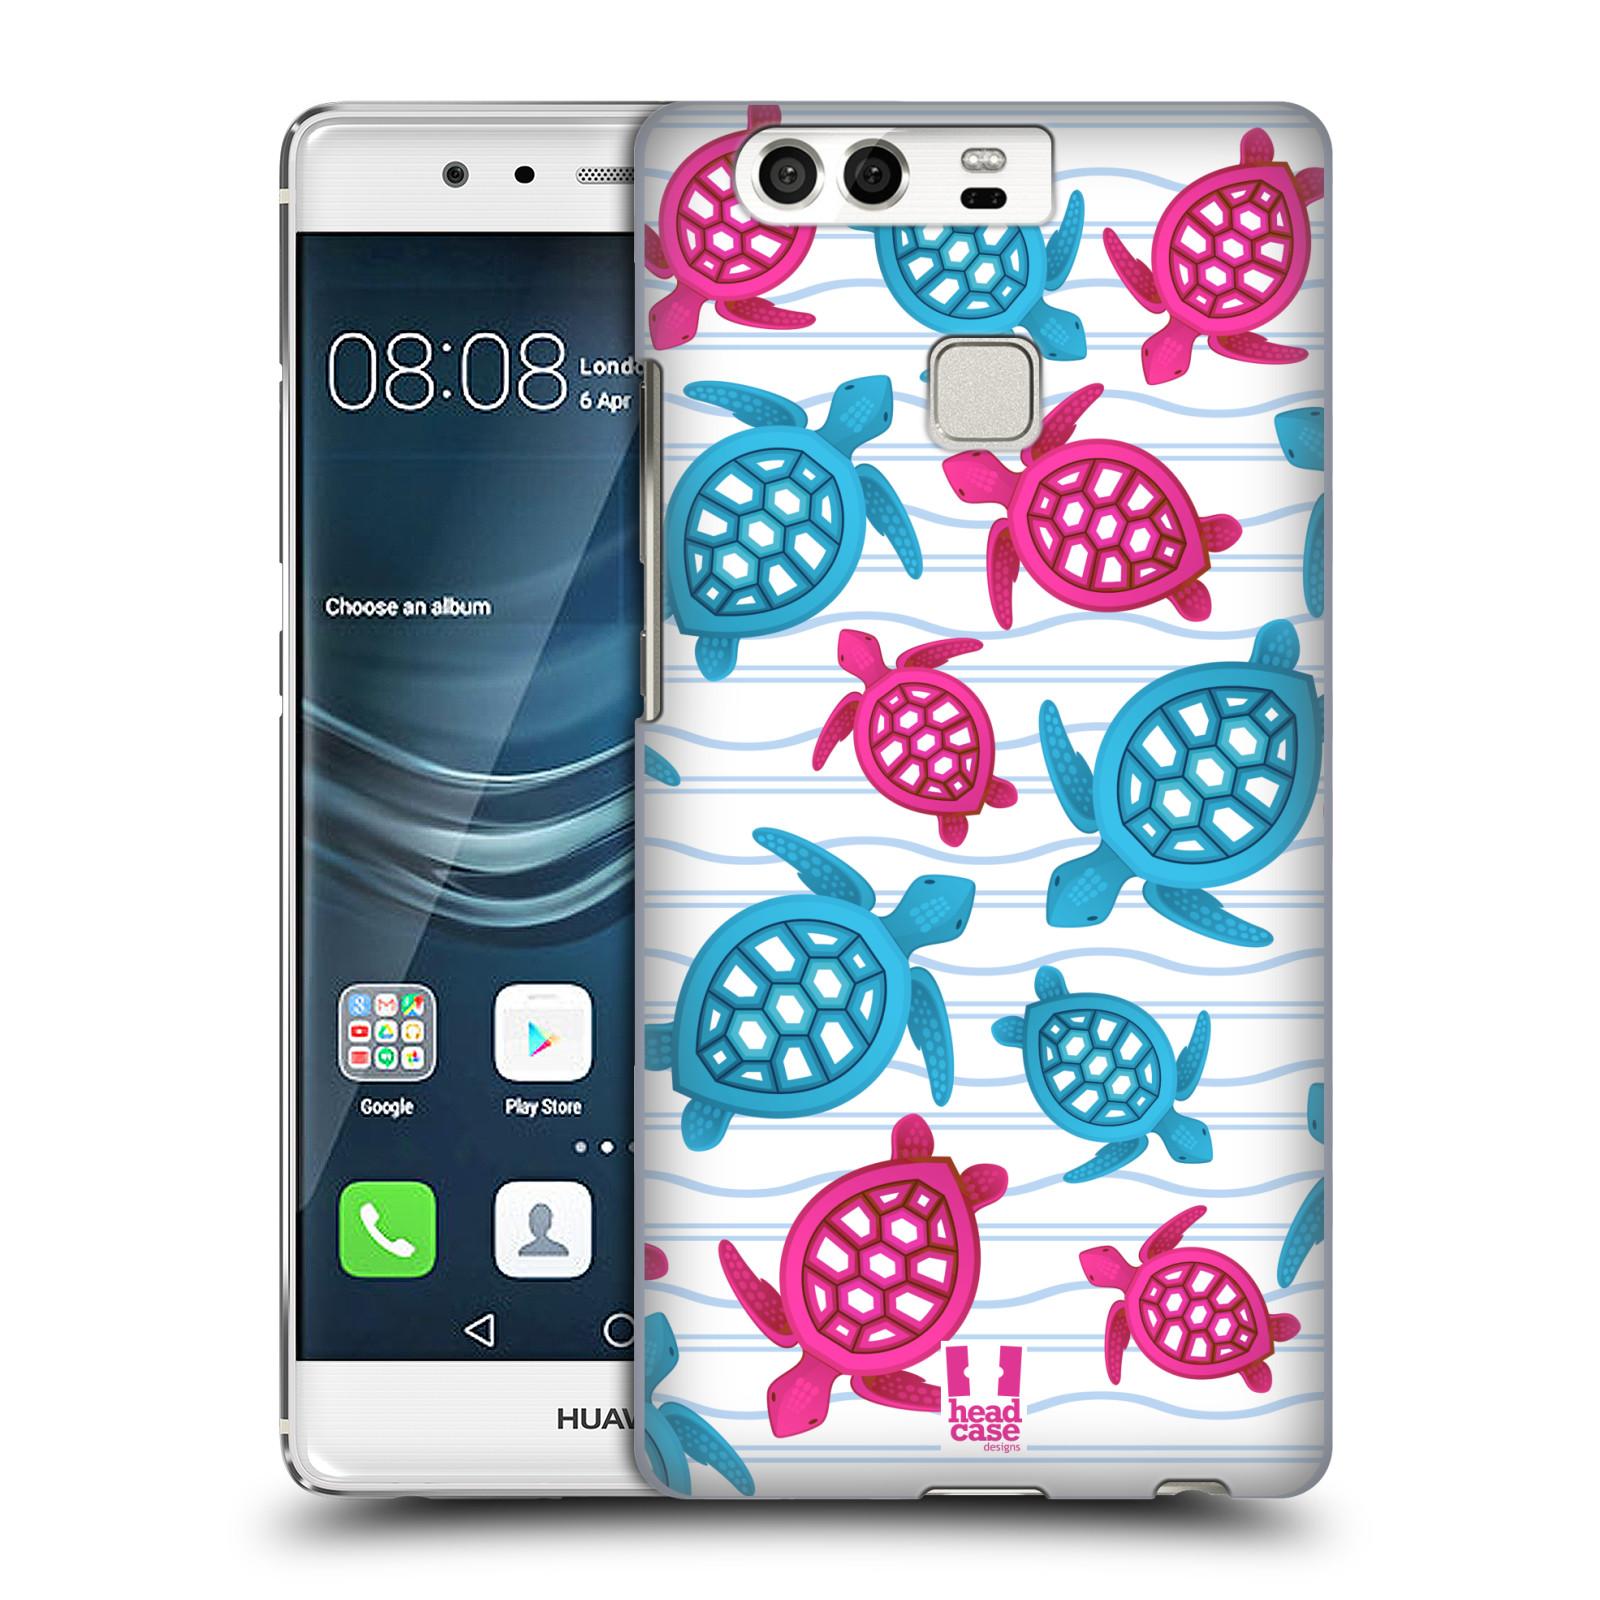 HEAD CASE plastový obal na mobil Huawei P9 / P9 DUAL SIM vzor mořský živočich želva modrá a růžová